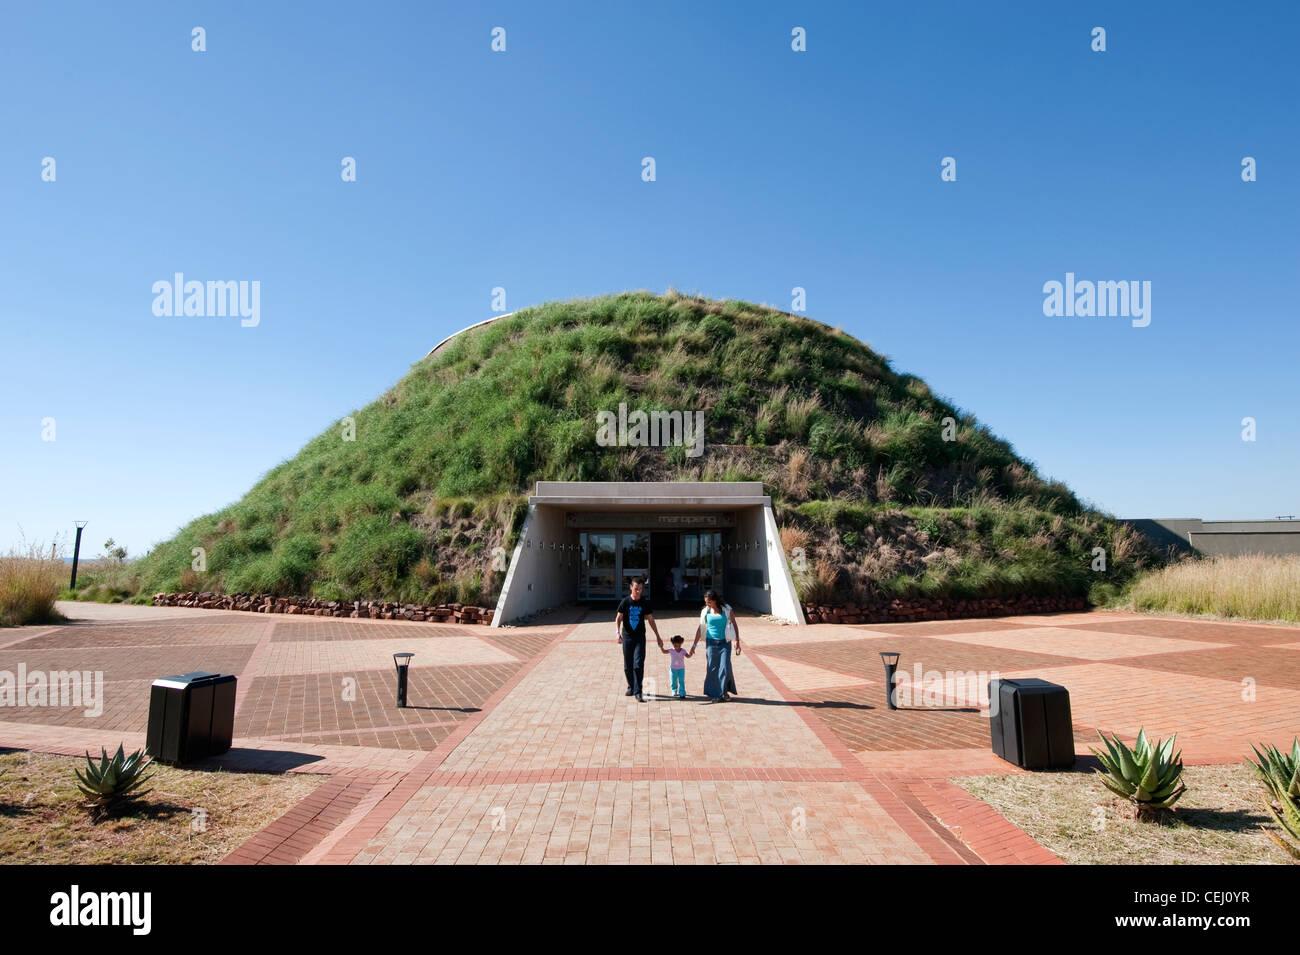 Caminando en familia Maropeng Museo, cuna de la humanidad,Gauteng Imagen De Stock